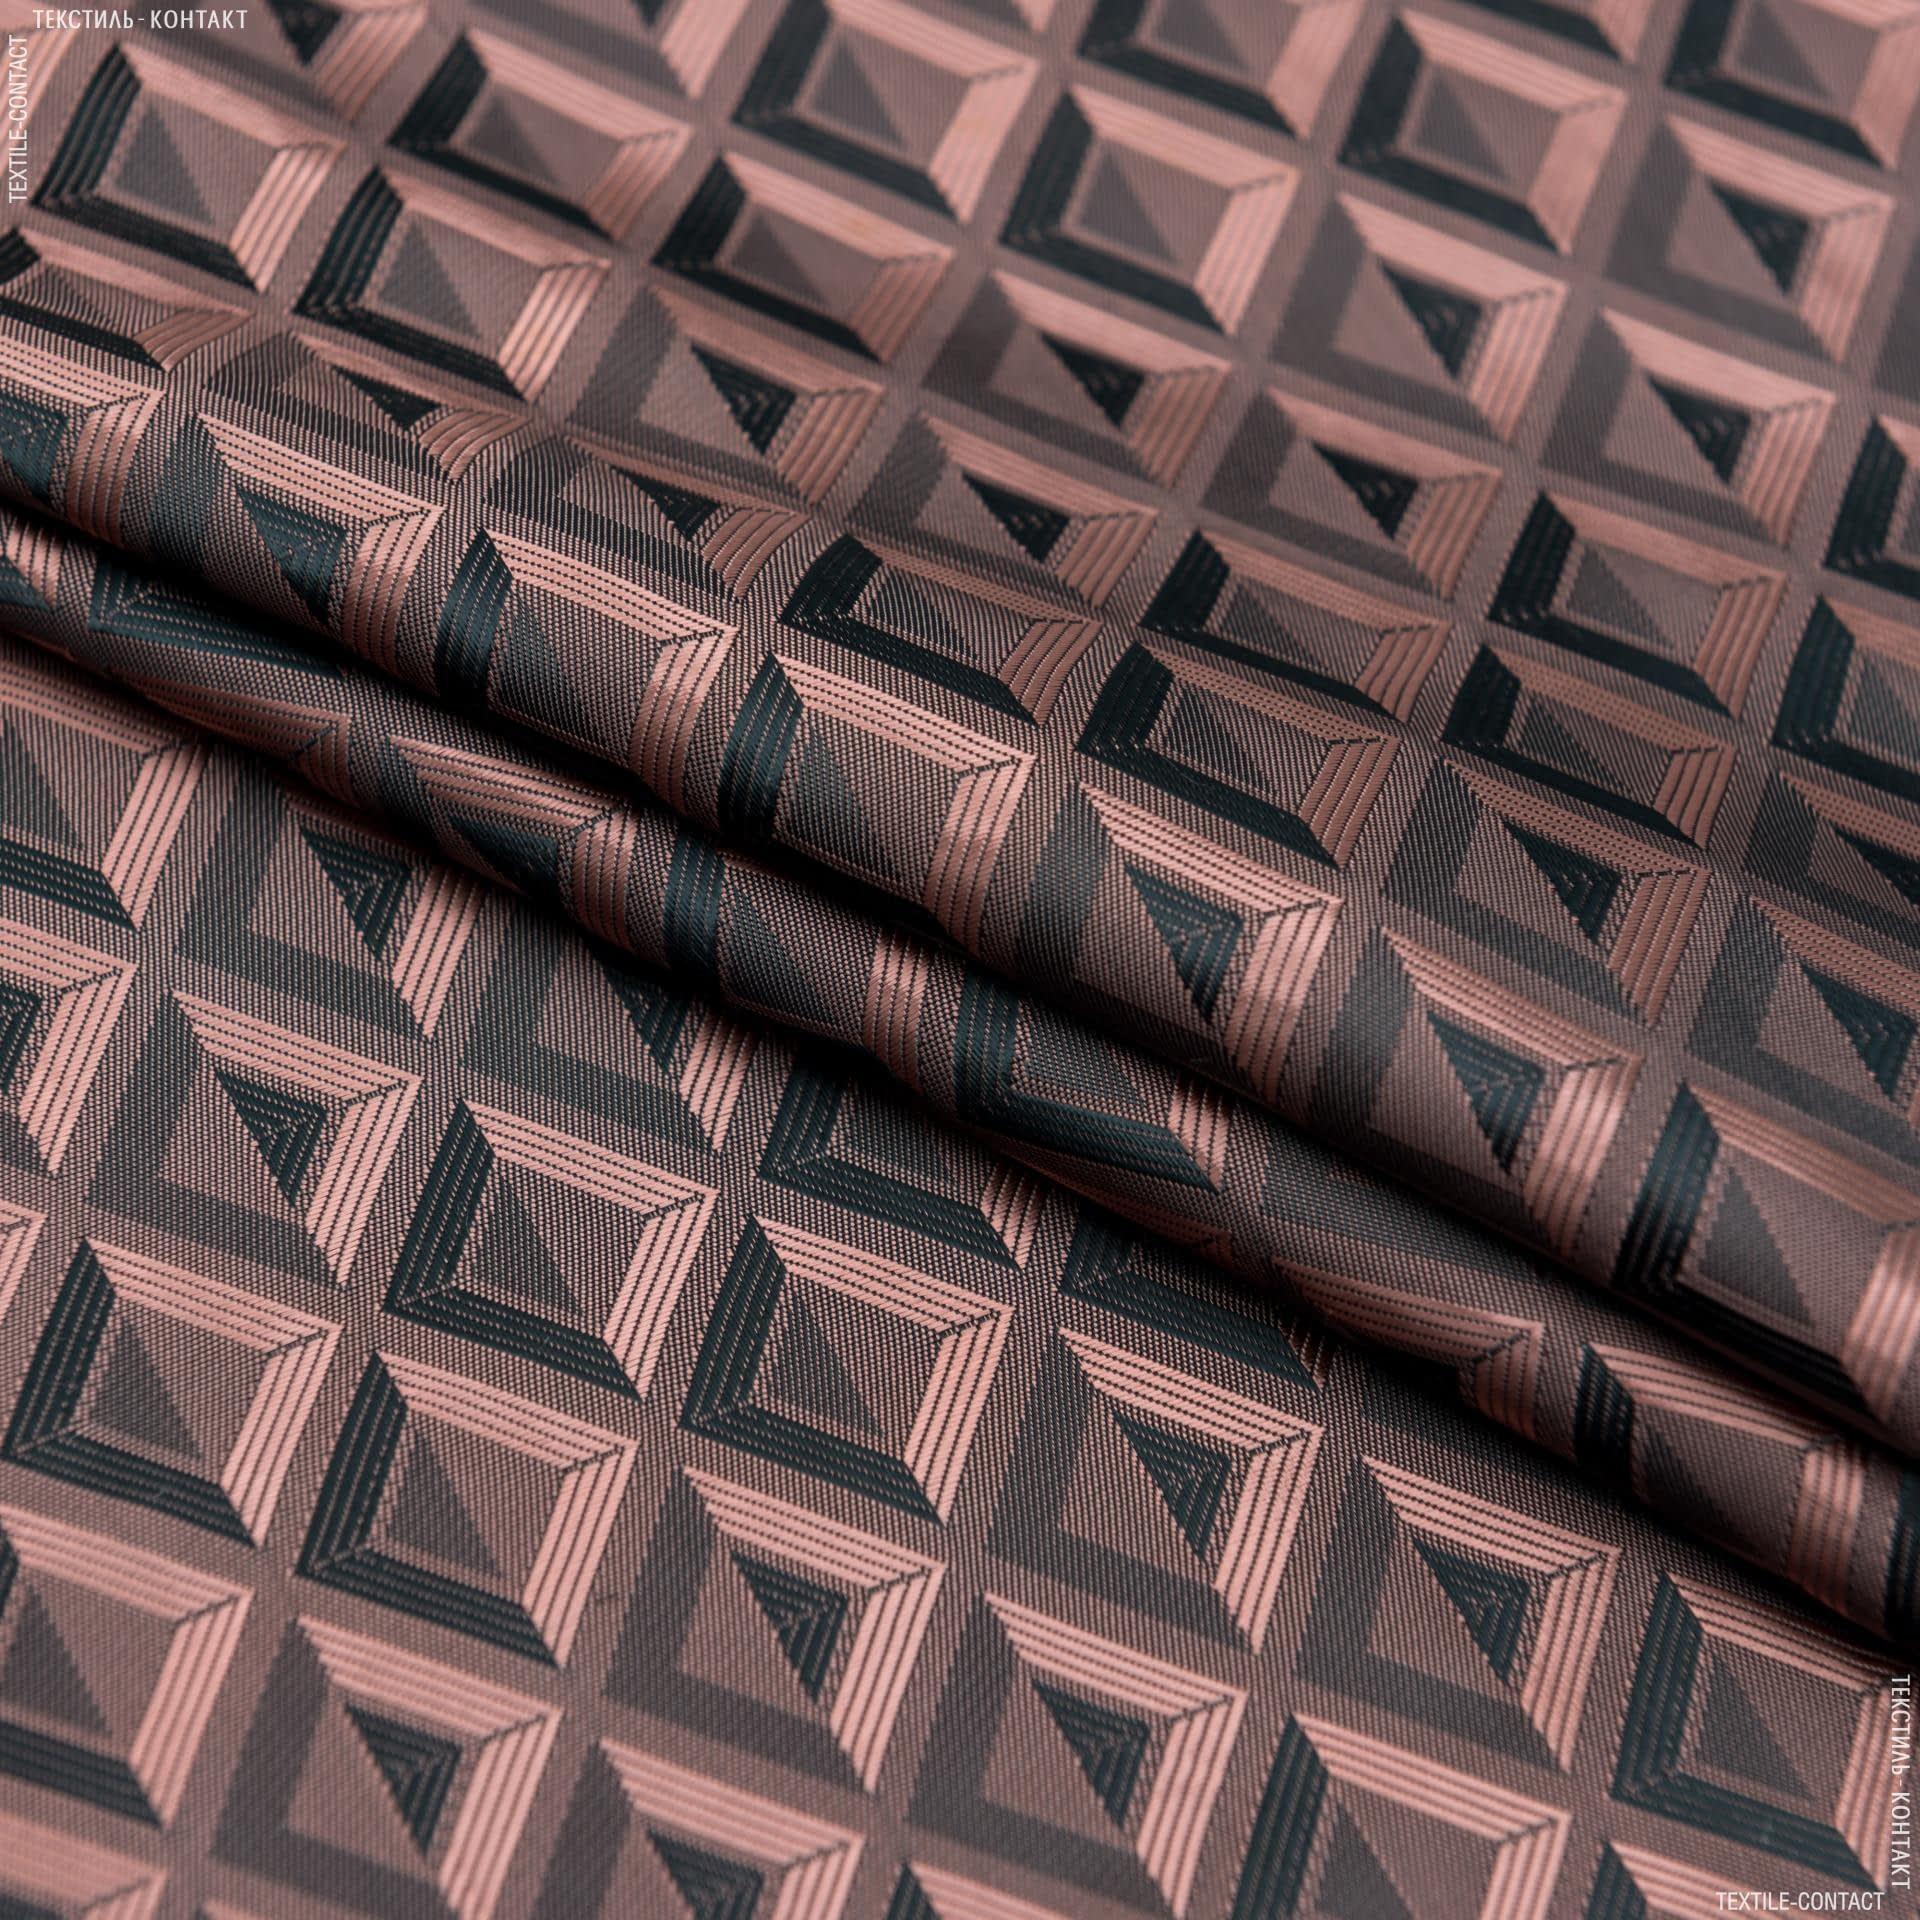 Тканини підкладкова тканина - Підкладковий жакард хамелеон коричневий